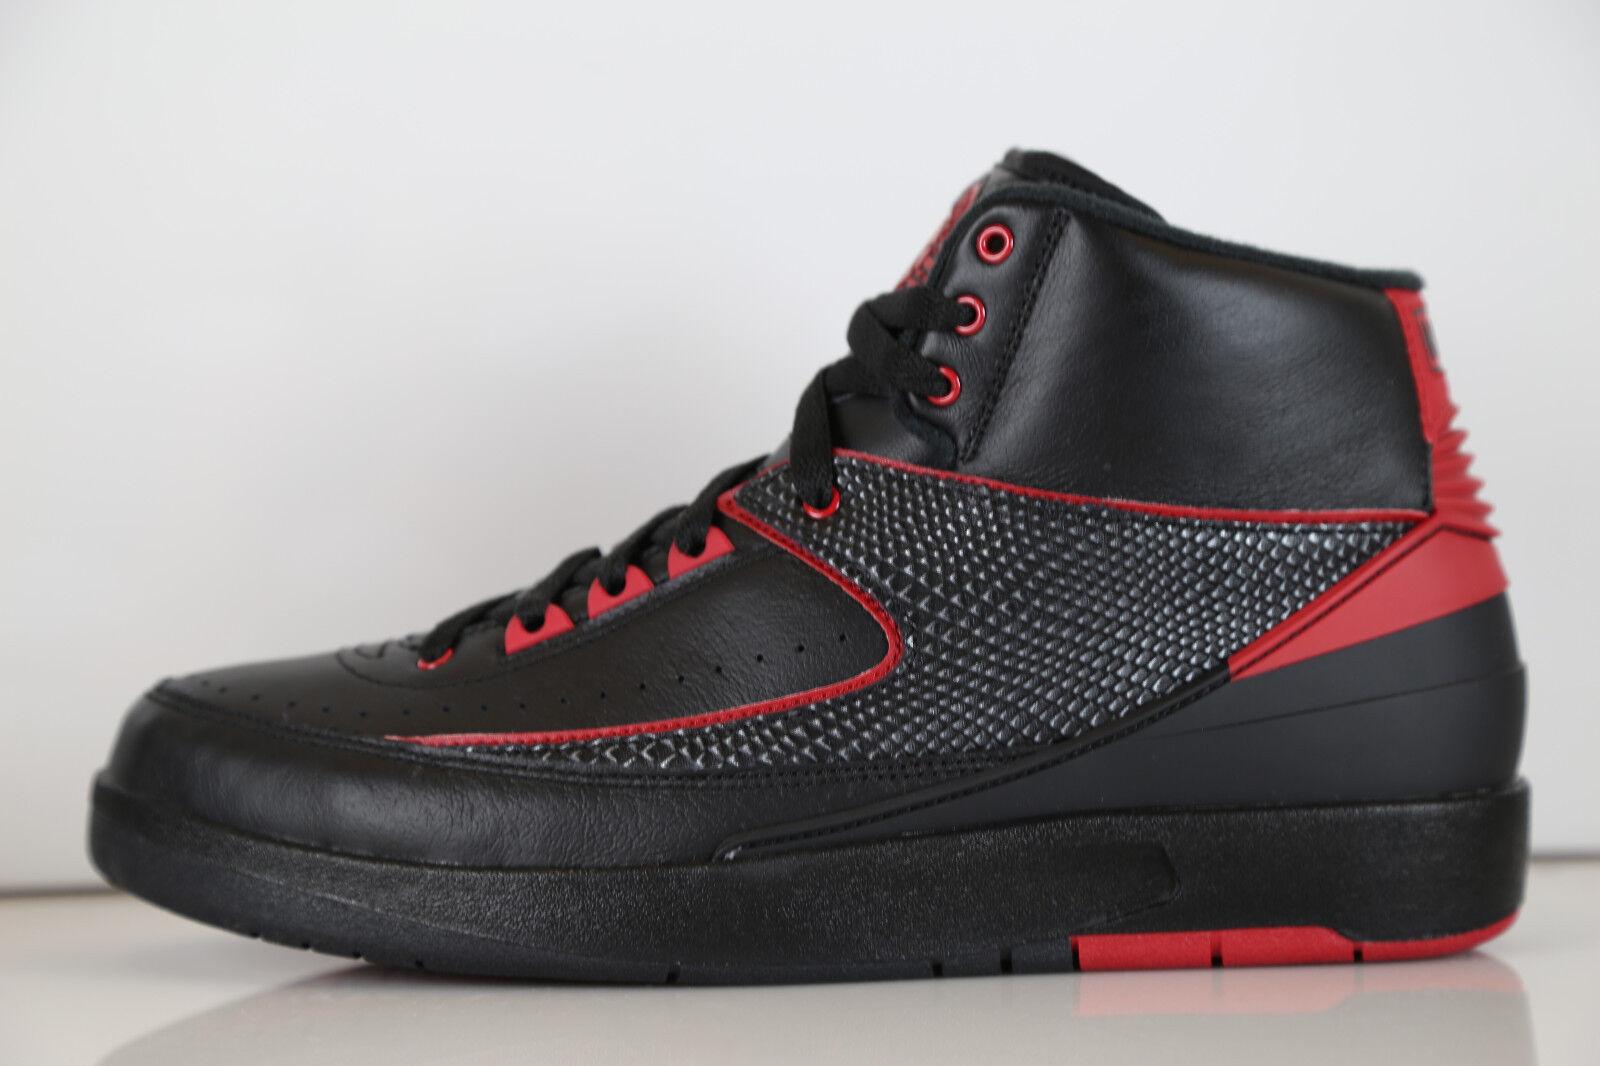 Nike Air Jordan Retro 2 Alternate 87 Black Red 834274-001 7-14 1 bred 11 3 8 9